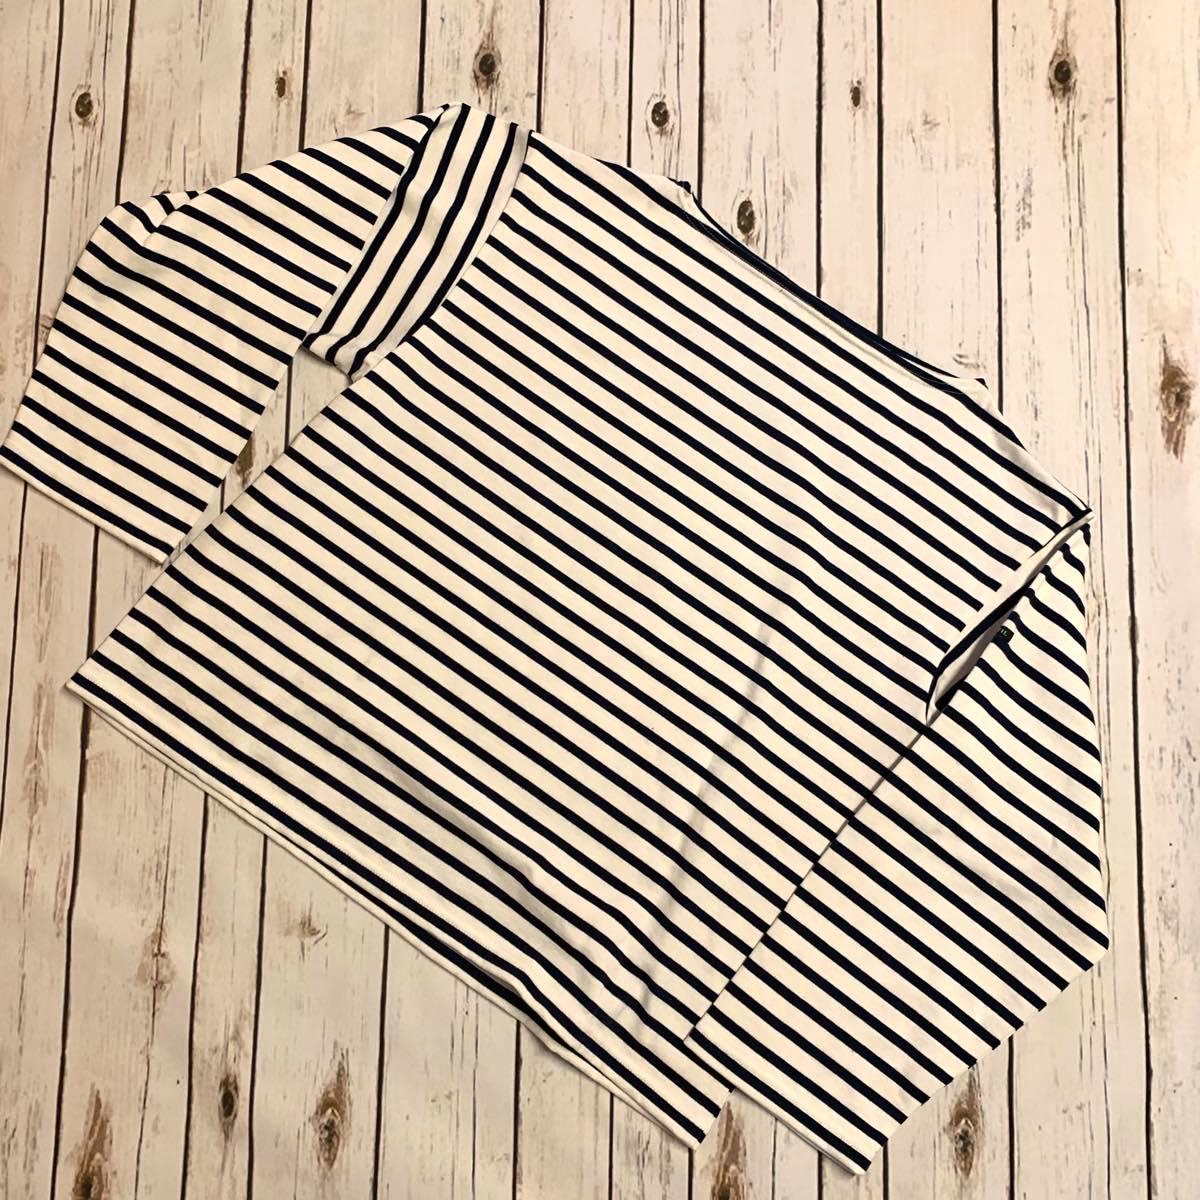 OUTIL ウティTRICOT LOCRONAN バスクシャツ